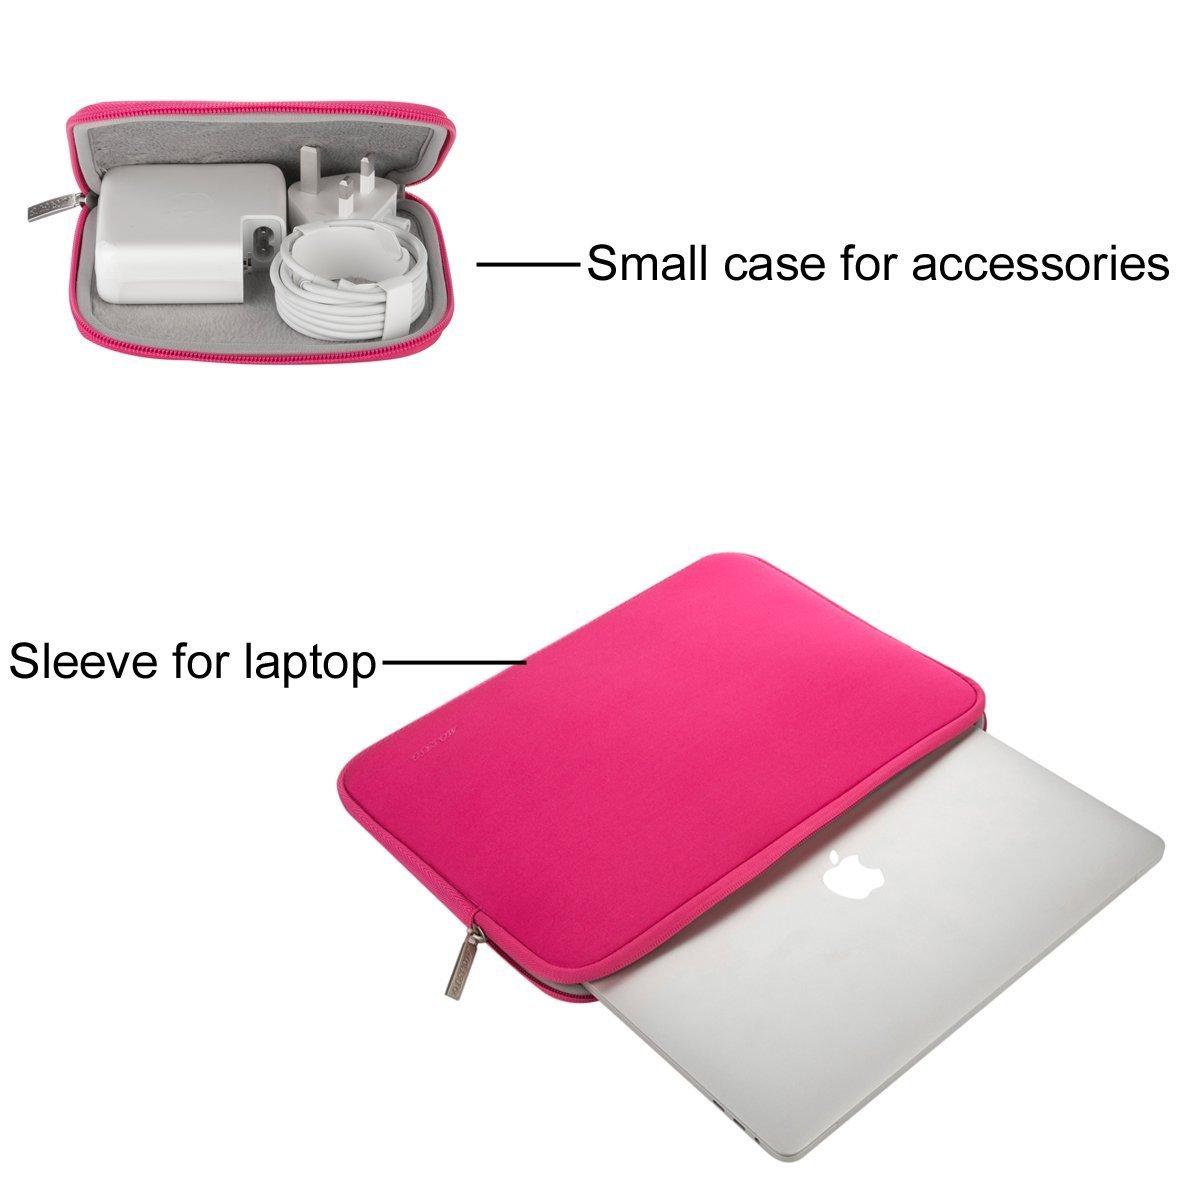 MOSISO Laptop Sleeve Custodia Borsa Compatibile 11-11,6 Pollici MacBook Air,Ultrabook Netbook Tablet,Idrorepellente Neoprene Protettiva Copertura Manicotto Sacchetto con Piccolo Caso,Verde Pavone